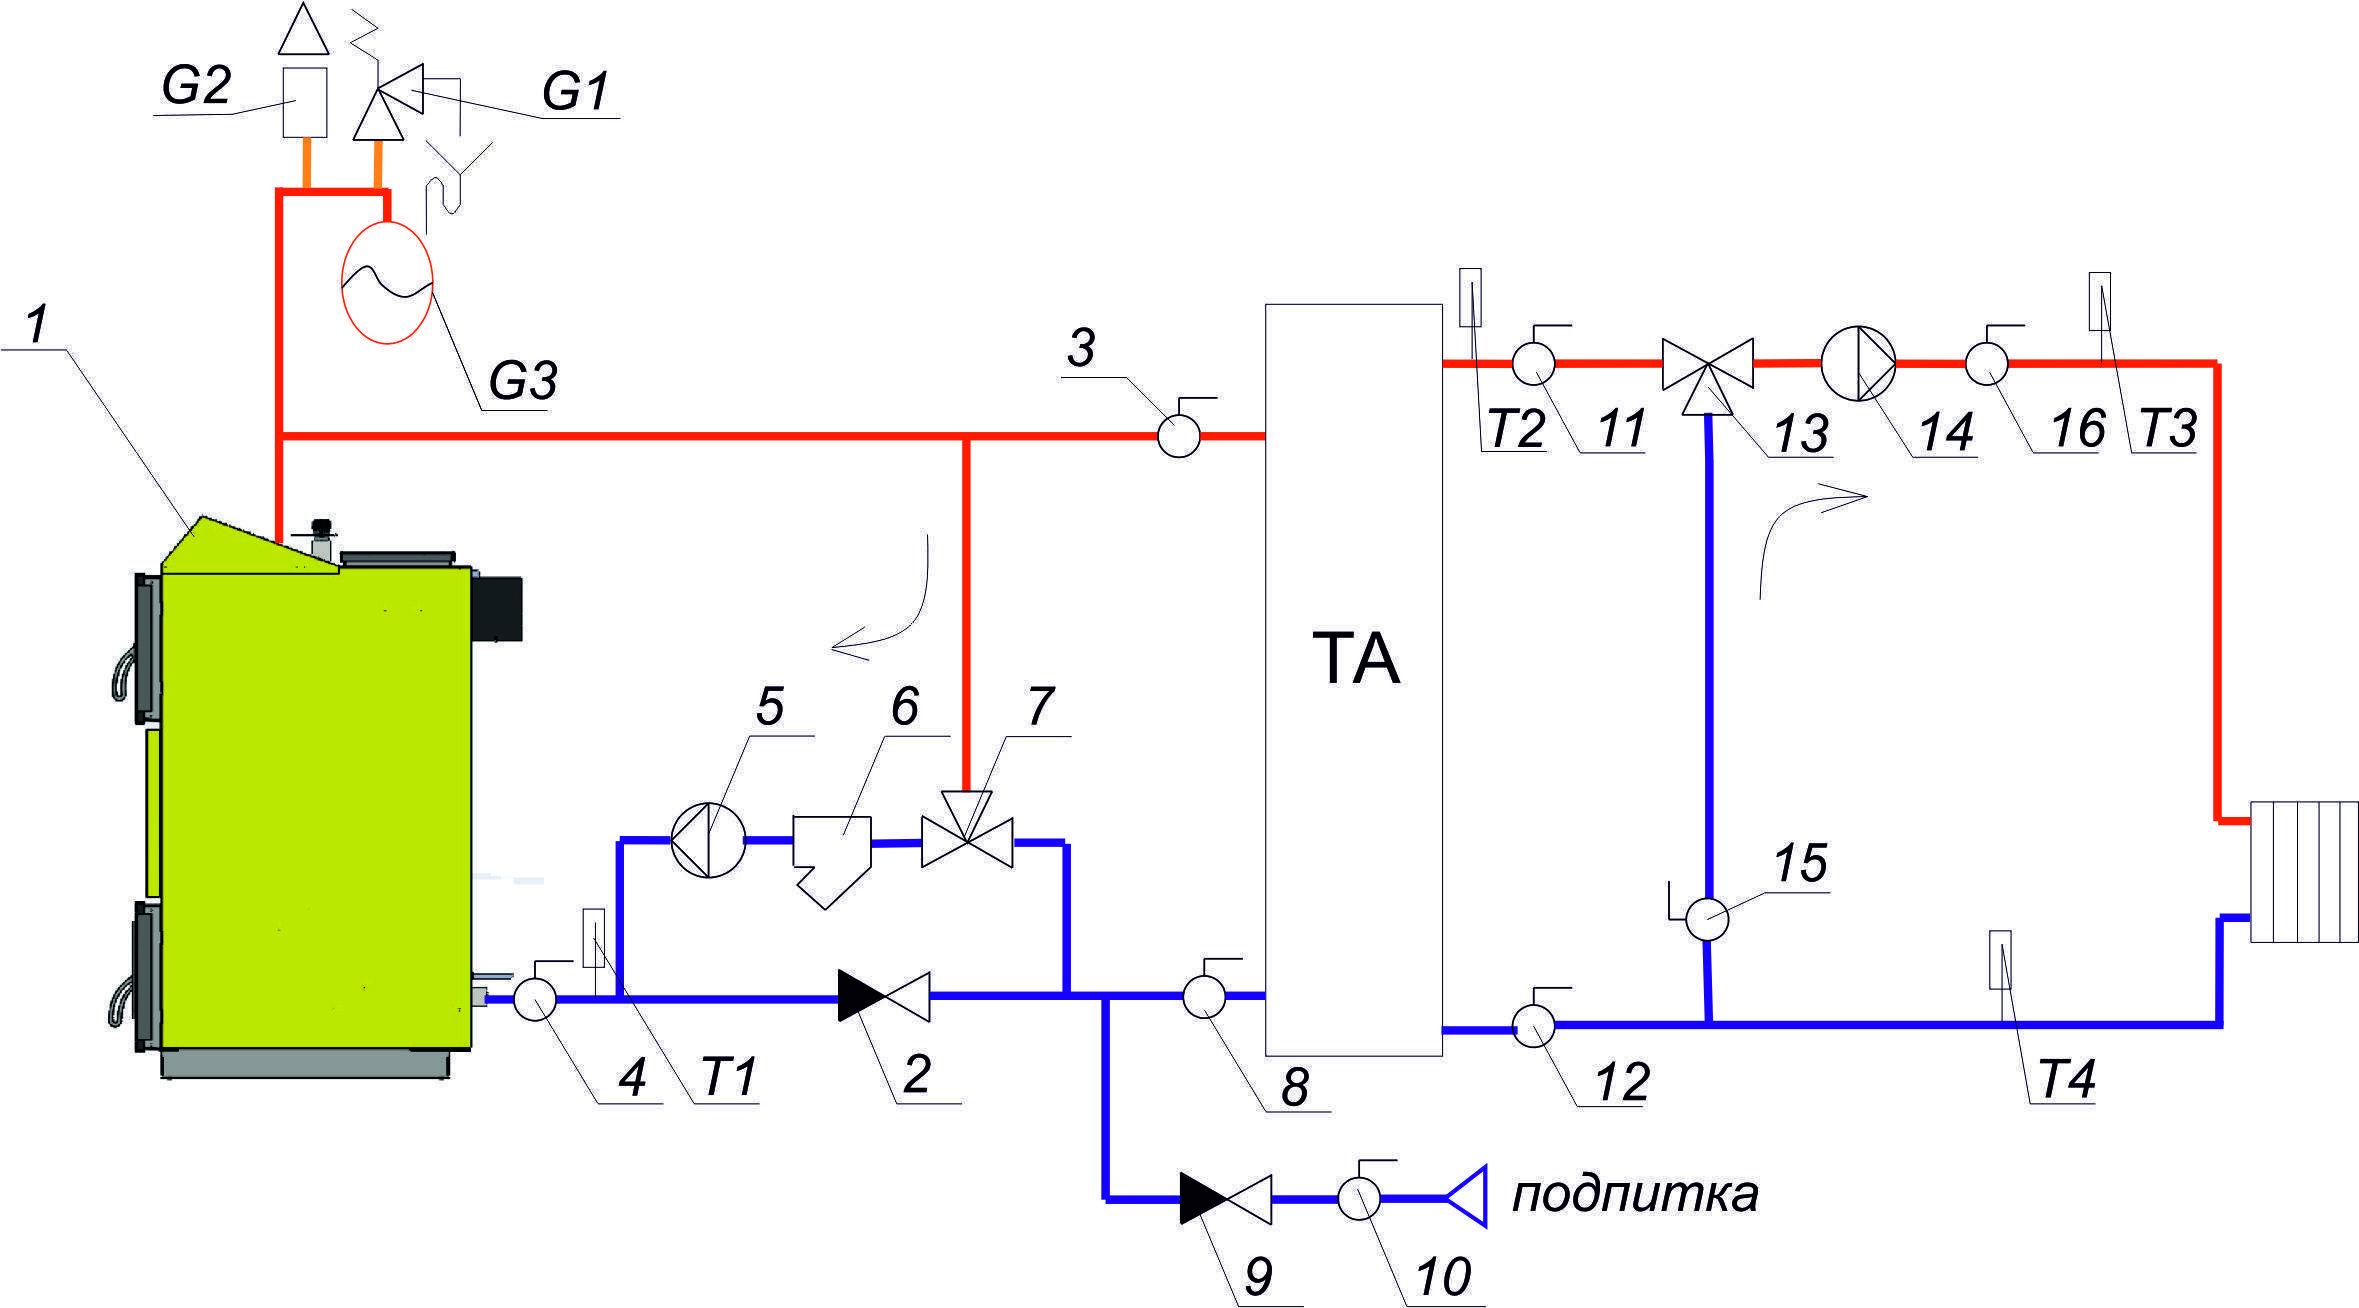 Схема подключения теплоаккумулятора к твердотопливному котлу